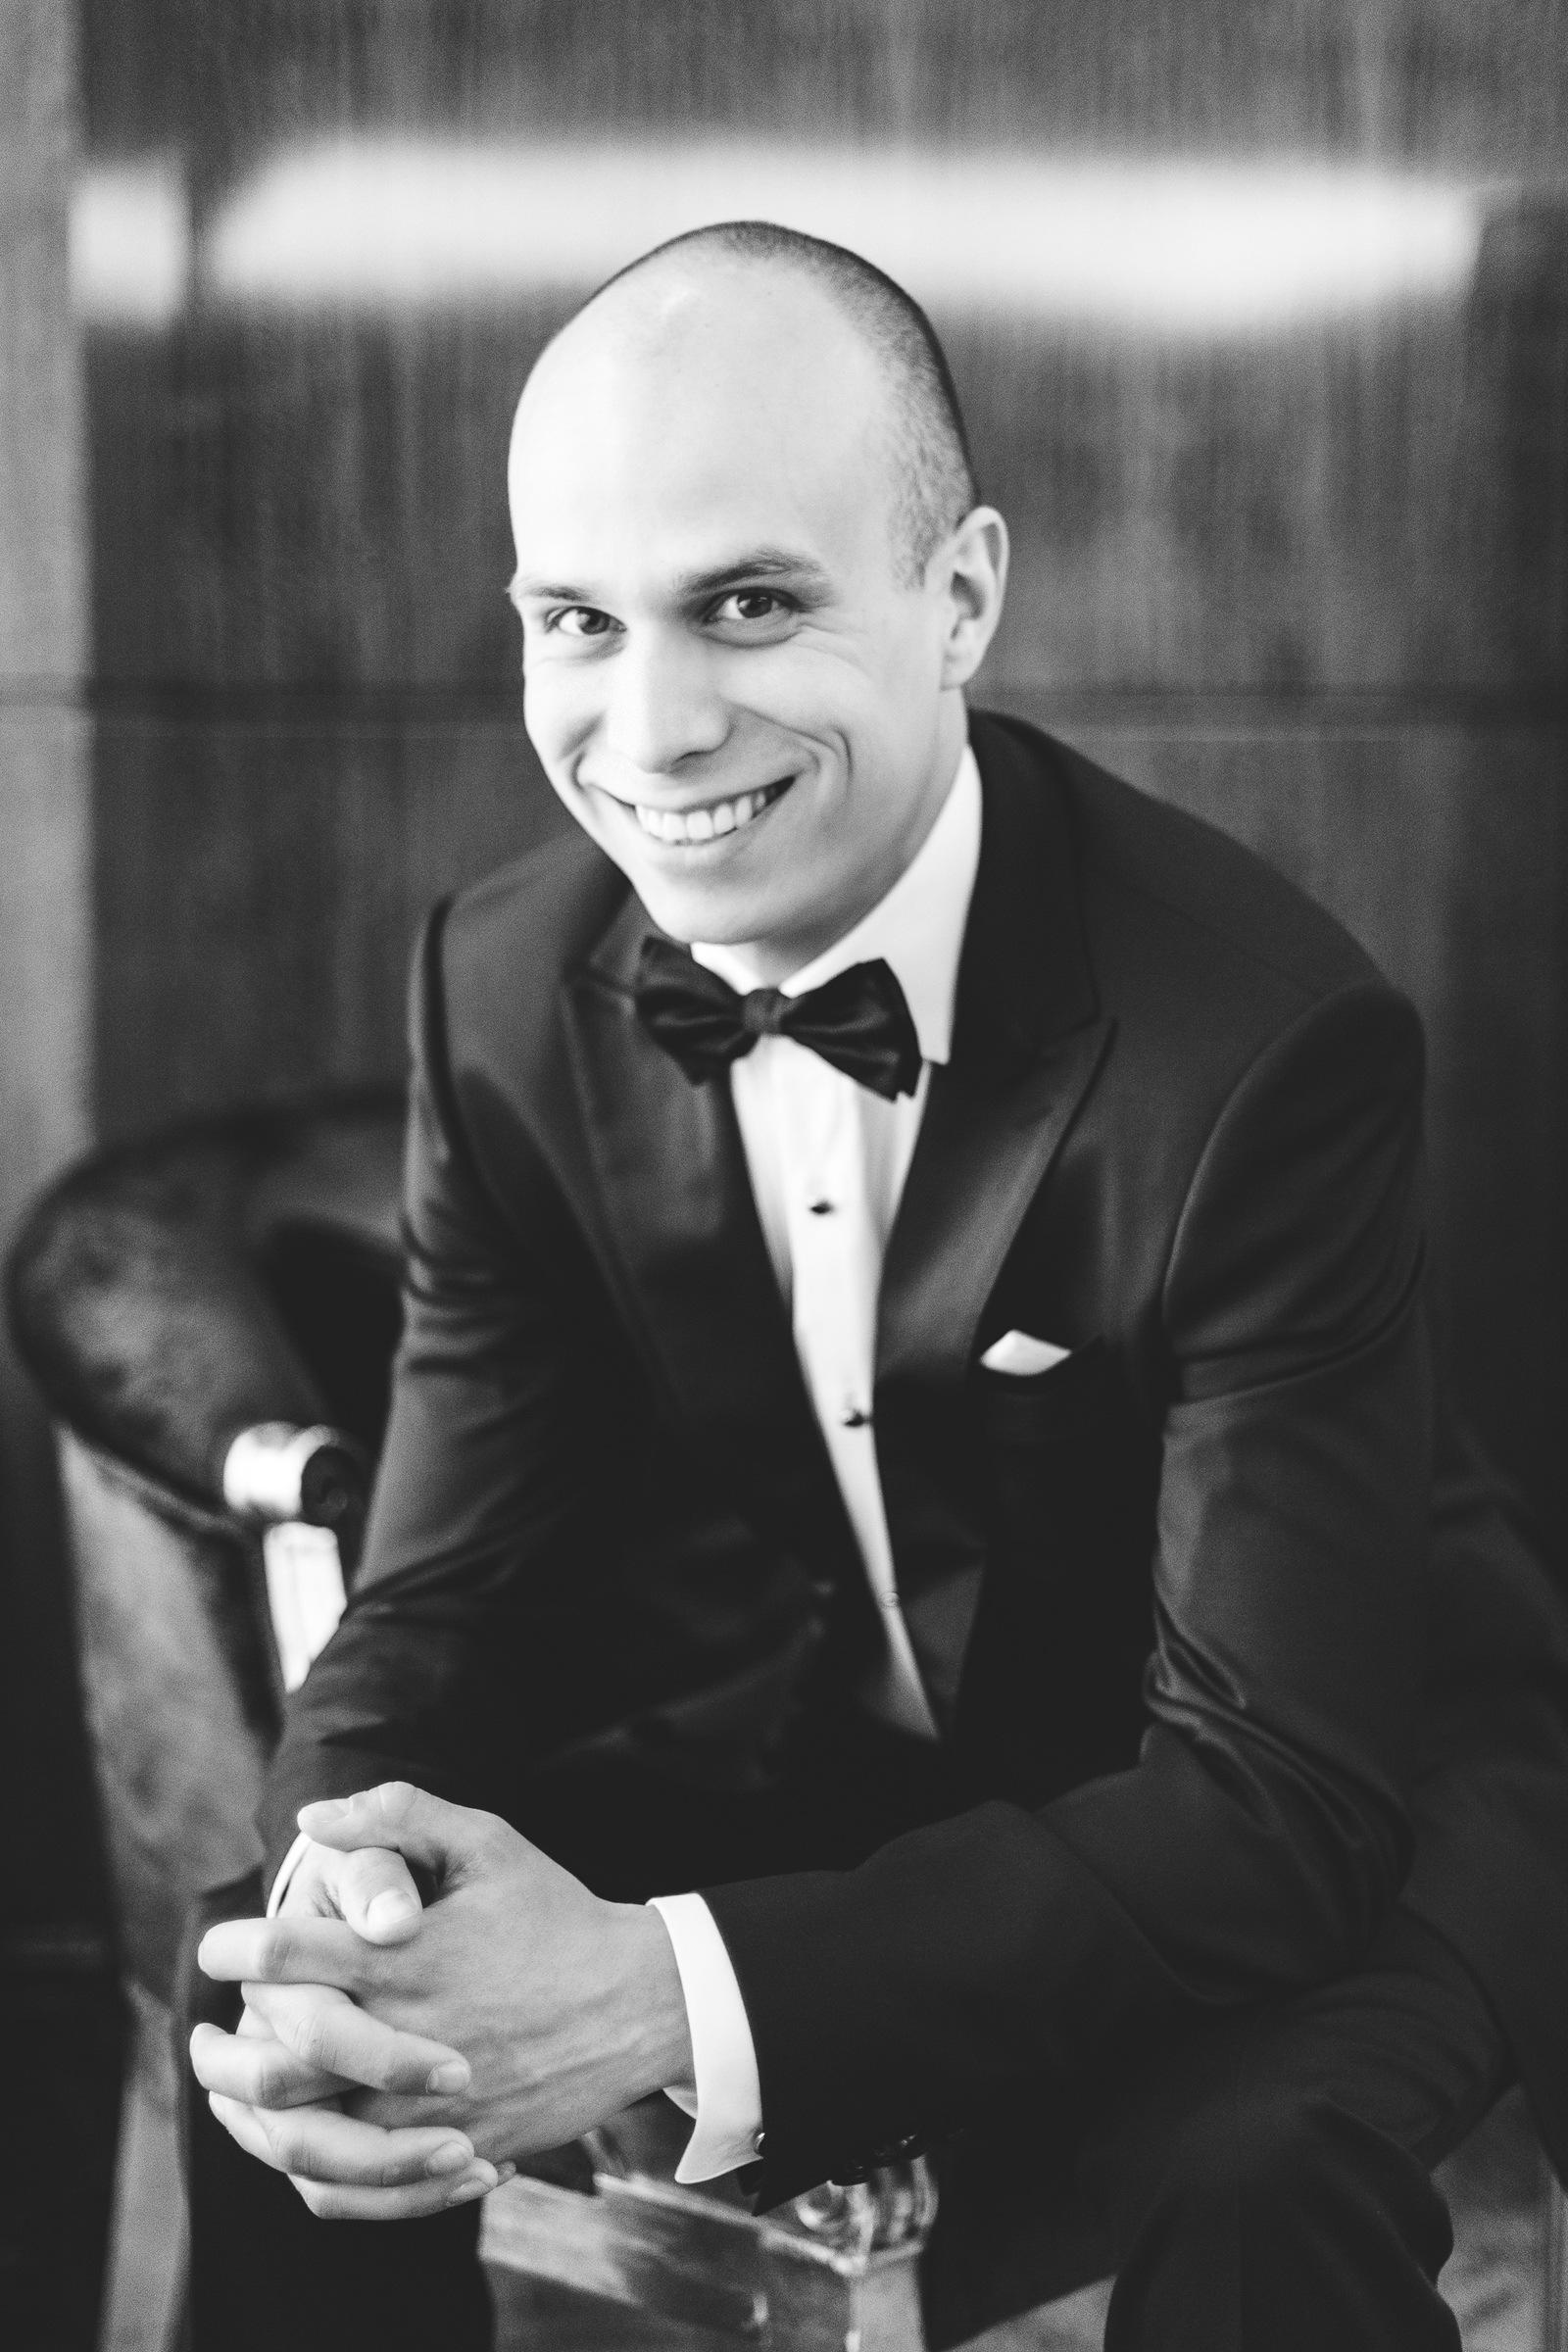 Элегантность любви: свадьба в стиле джаз